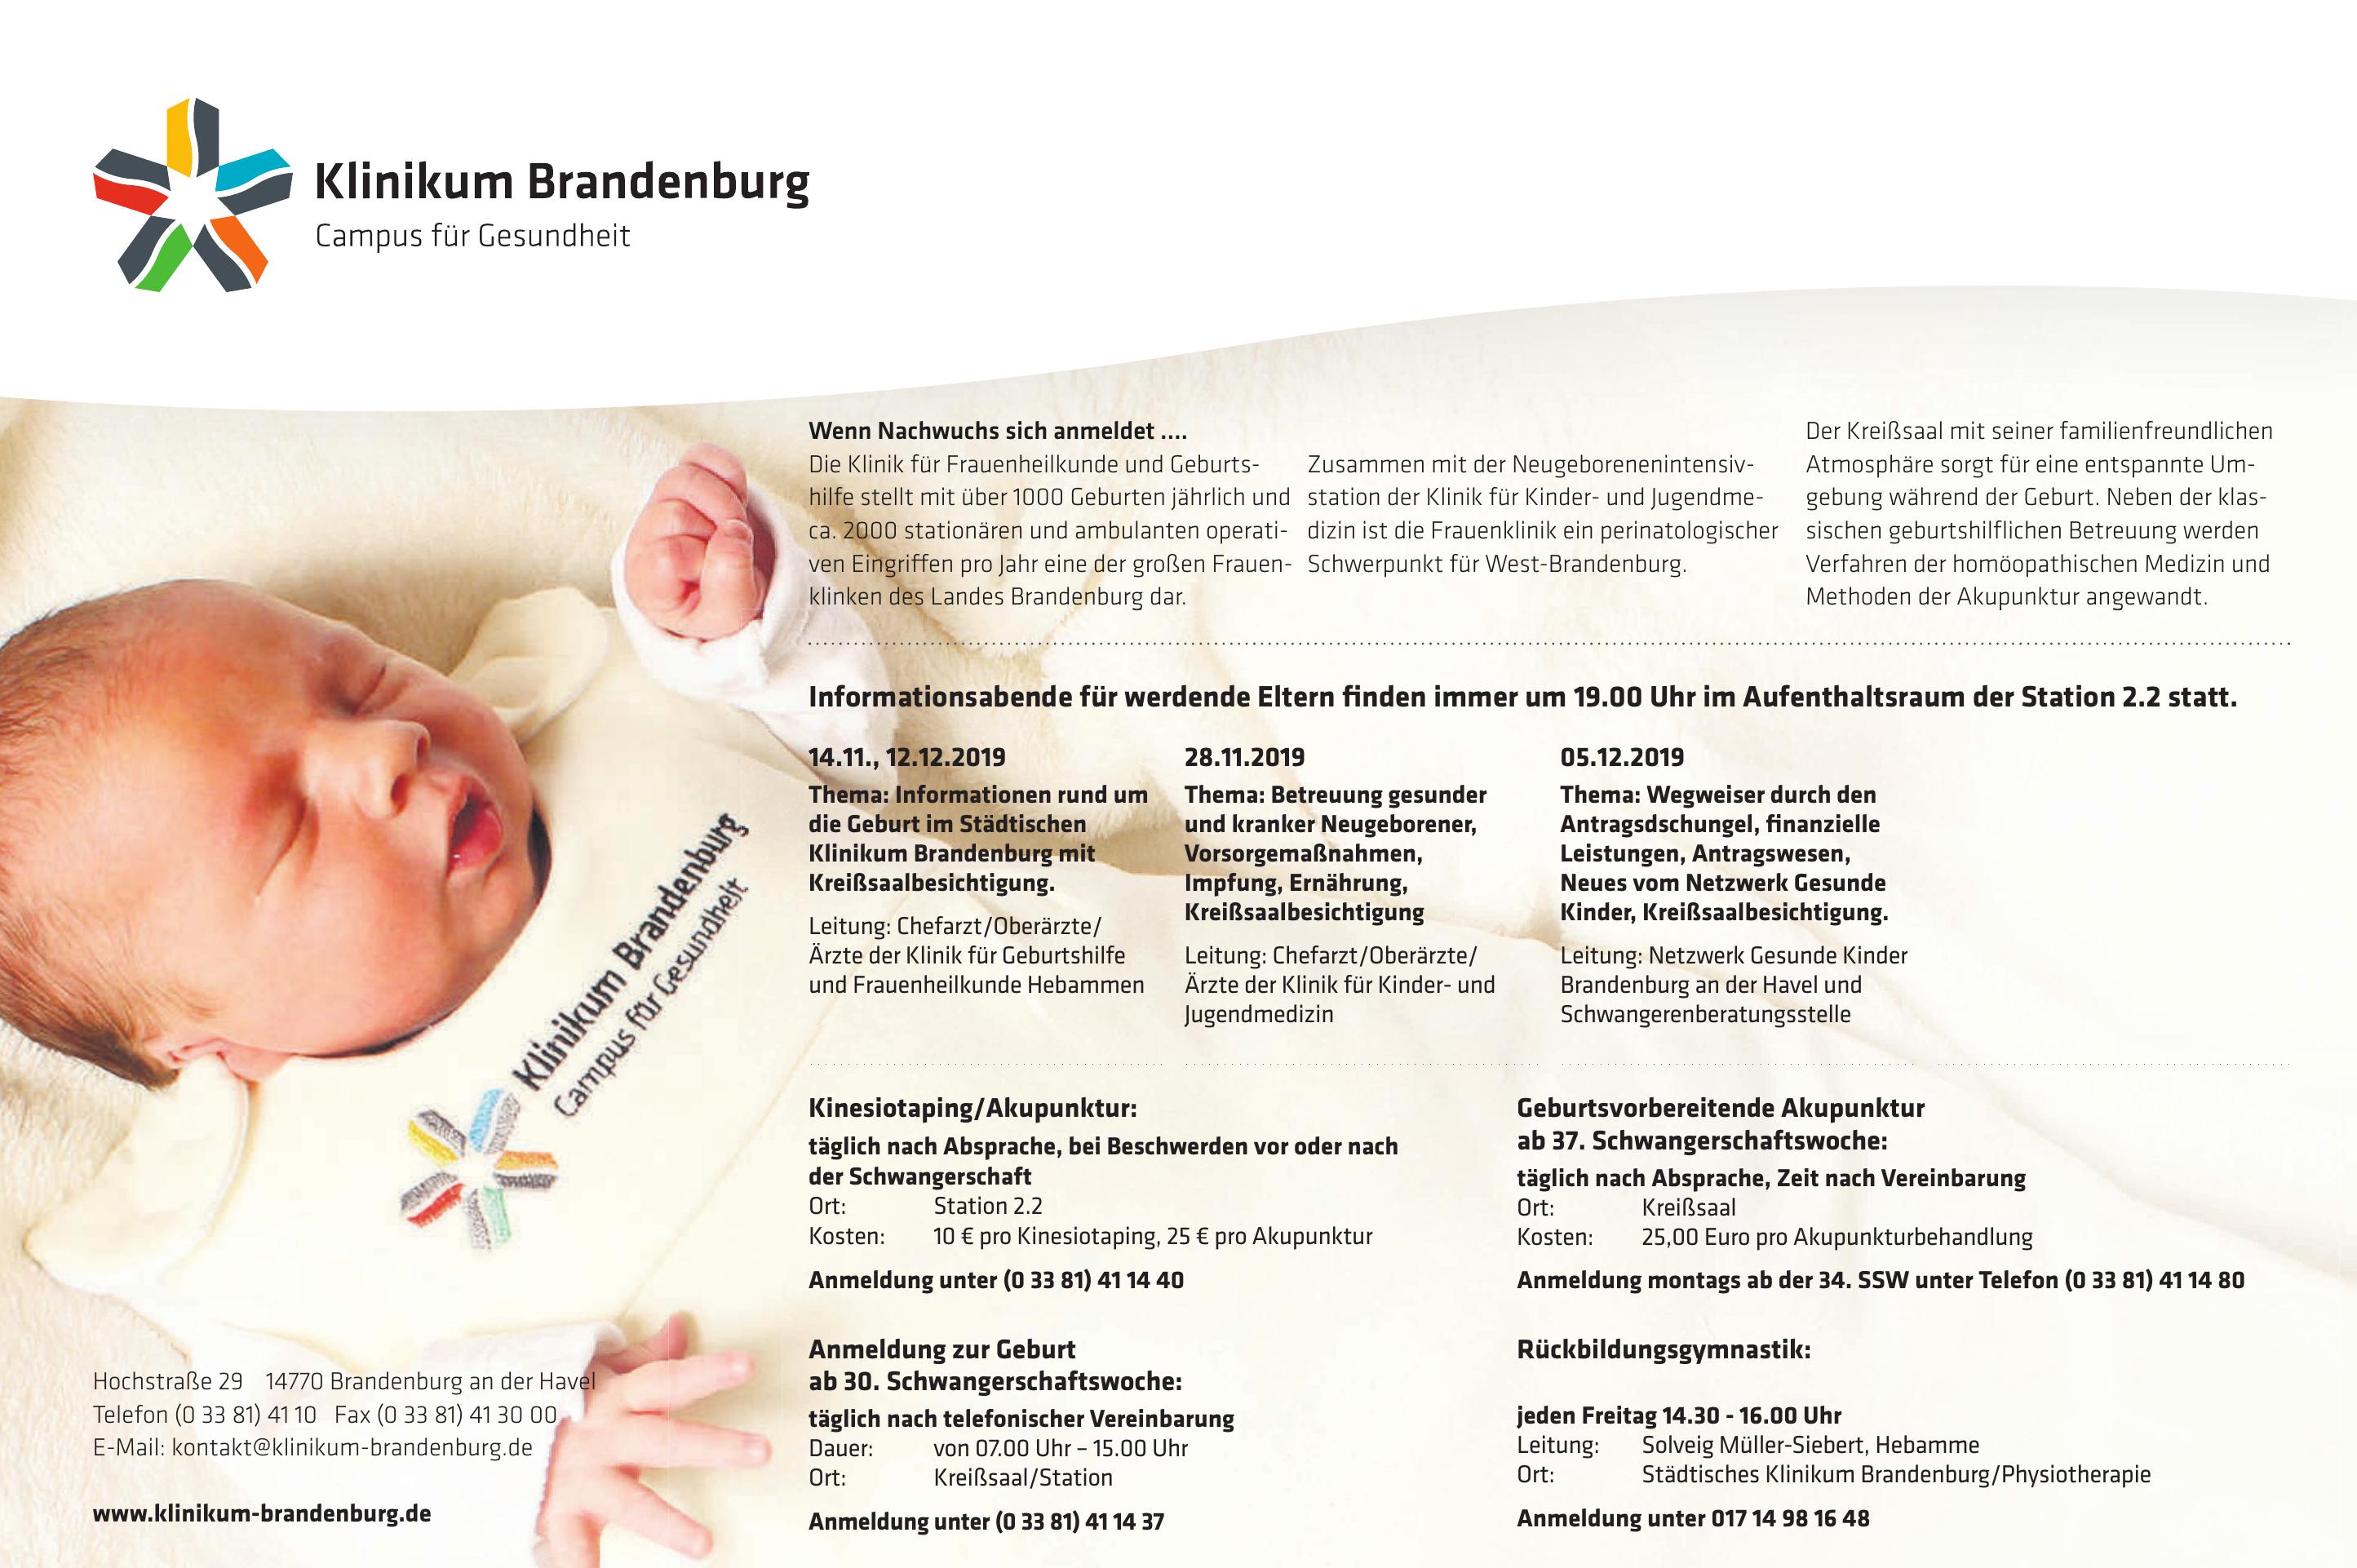 Städtisches Klinikum Brandenburg GmbH